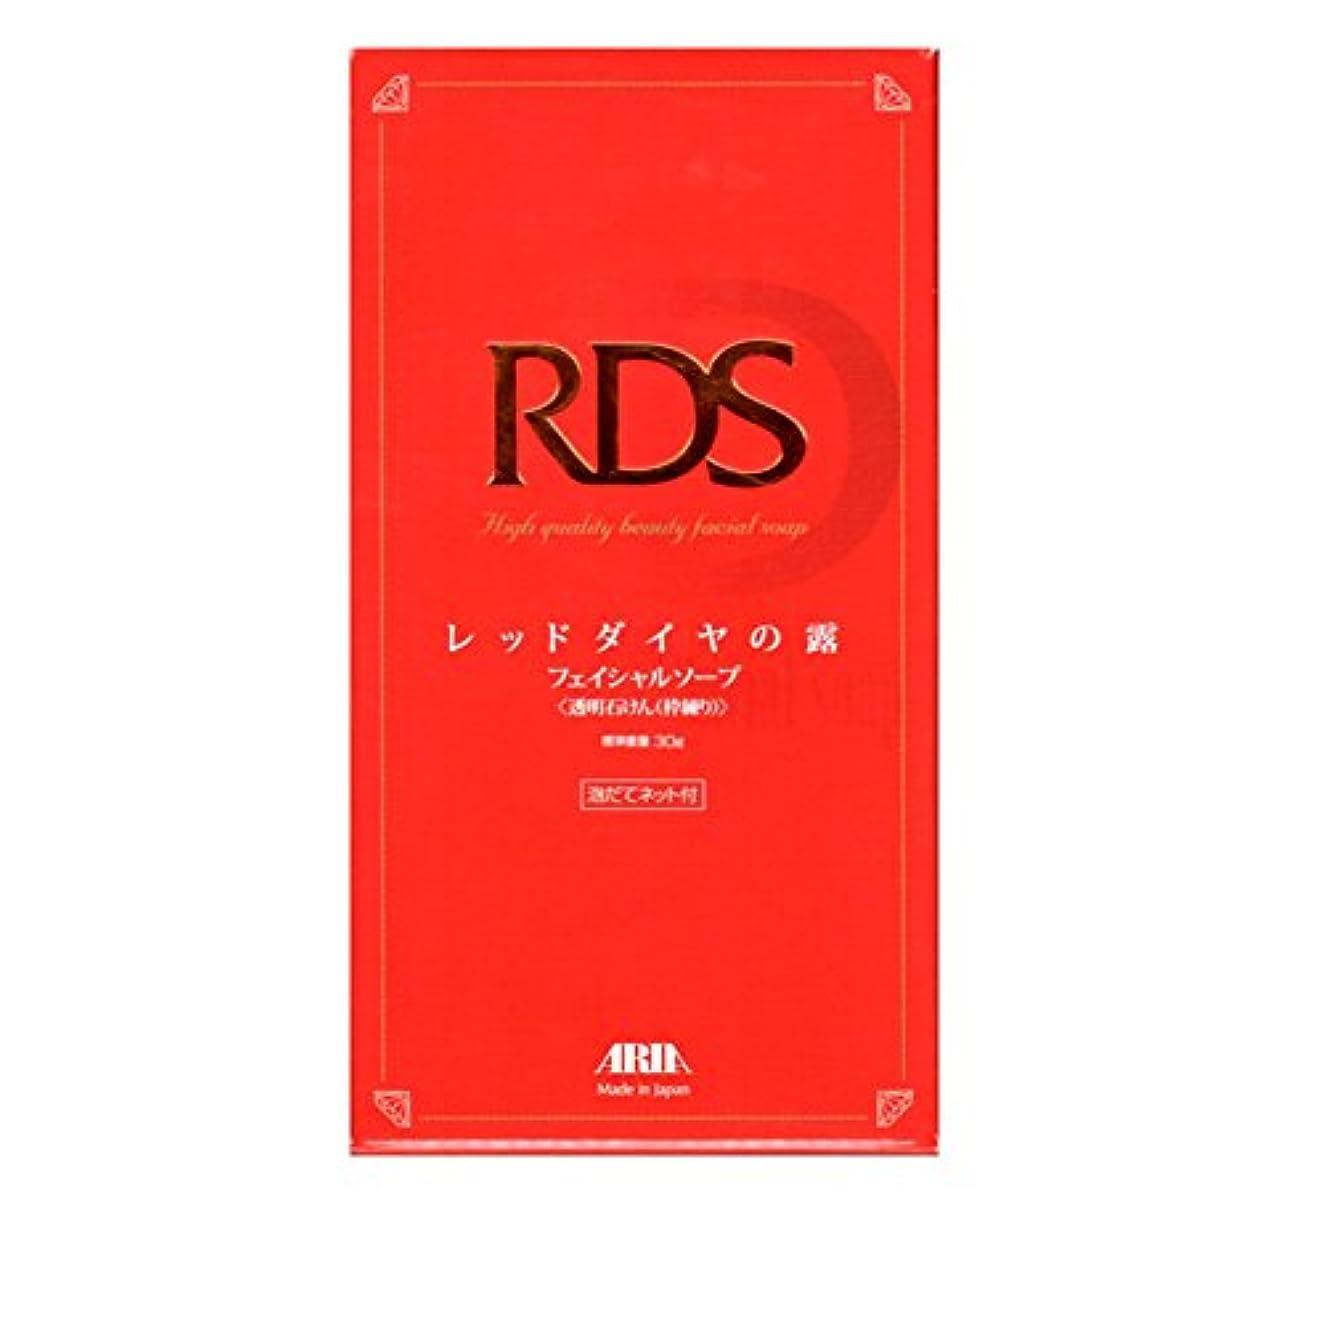 地元レルムミリメーターレッドダイヤの露 フェイシャルソープ 洗顔 石鹸 日本製